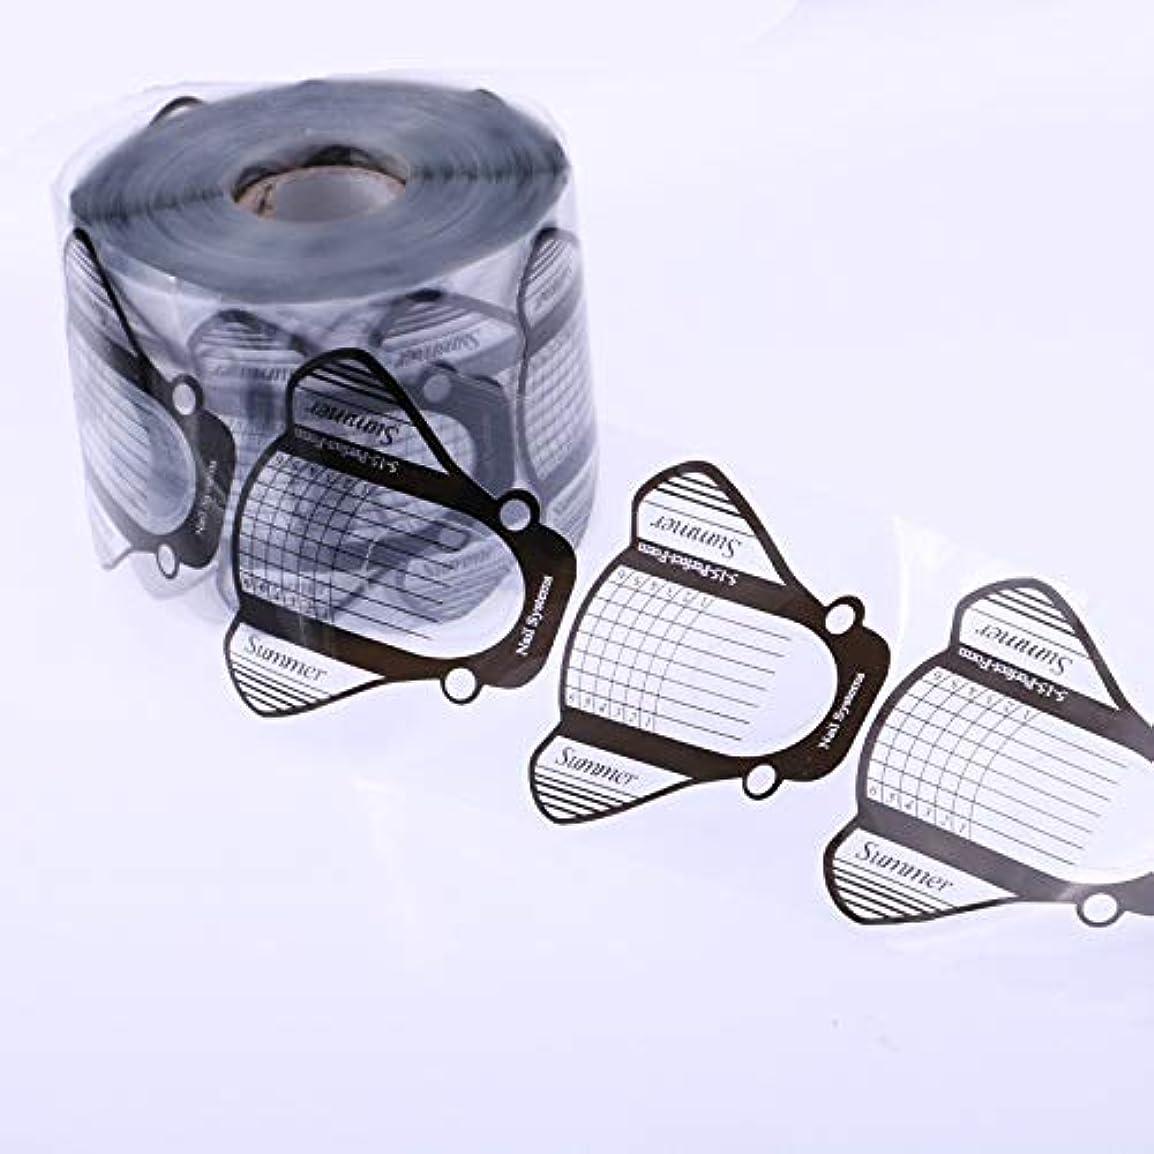 甘い消費者中央100枚高品質激安フォームジェルネイルスカルプチャースカルプチュアネイルフォームアクリル用使いやすい